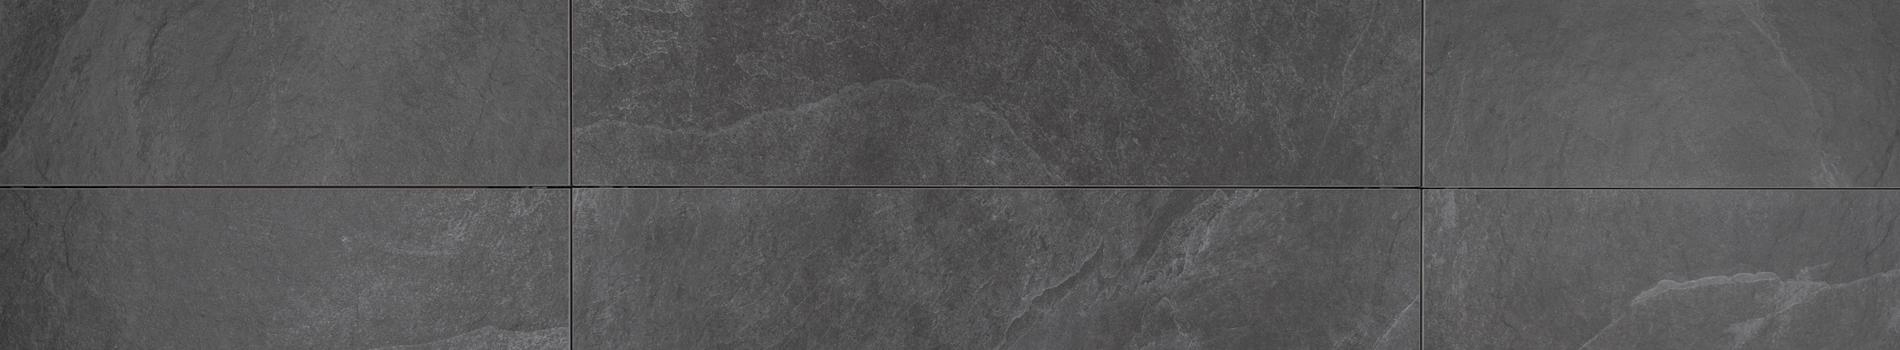 10mm Slate Anthracite Design Variation